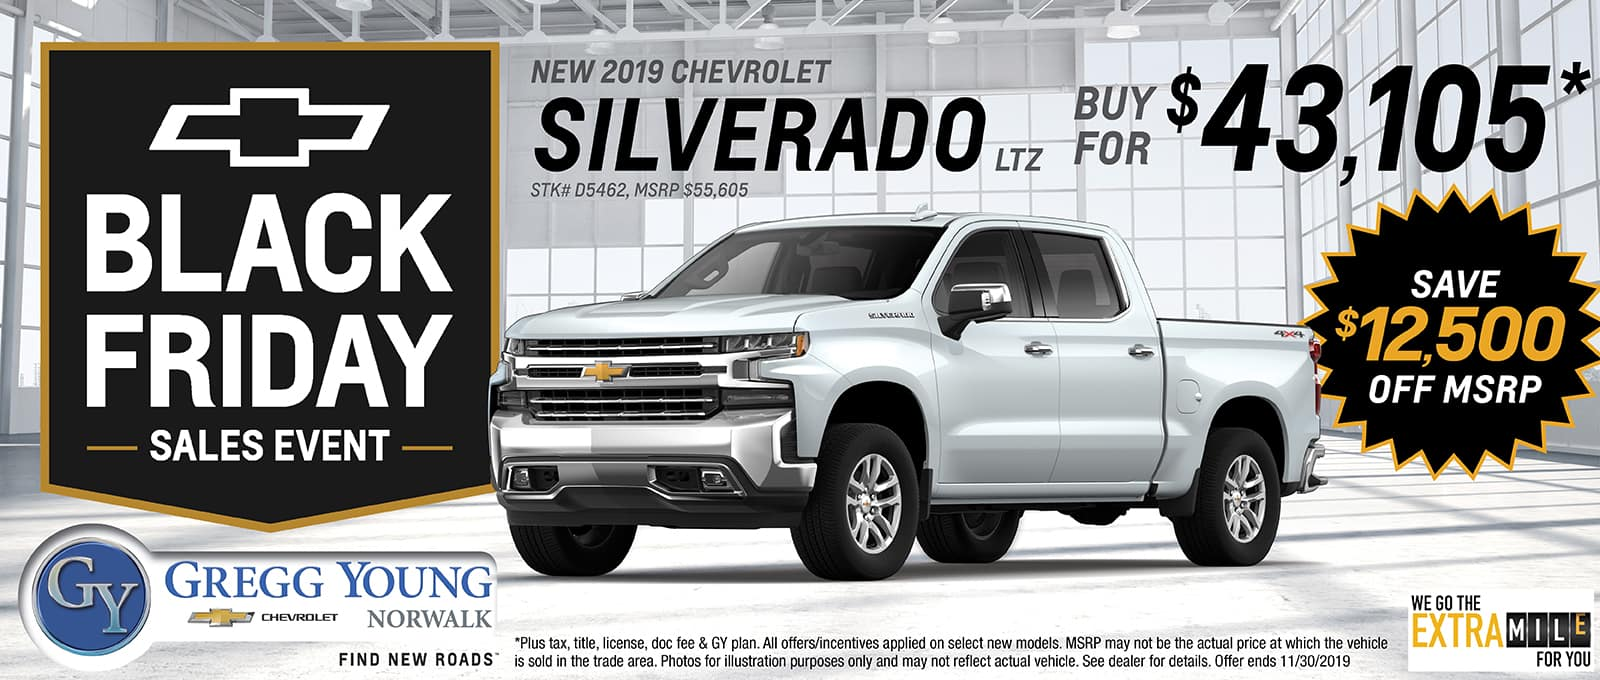 2019 Chevy Silverado